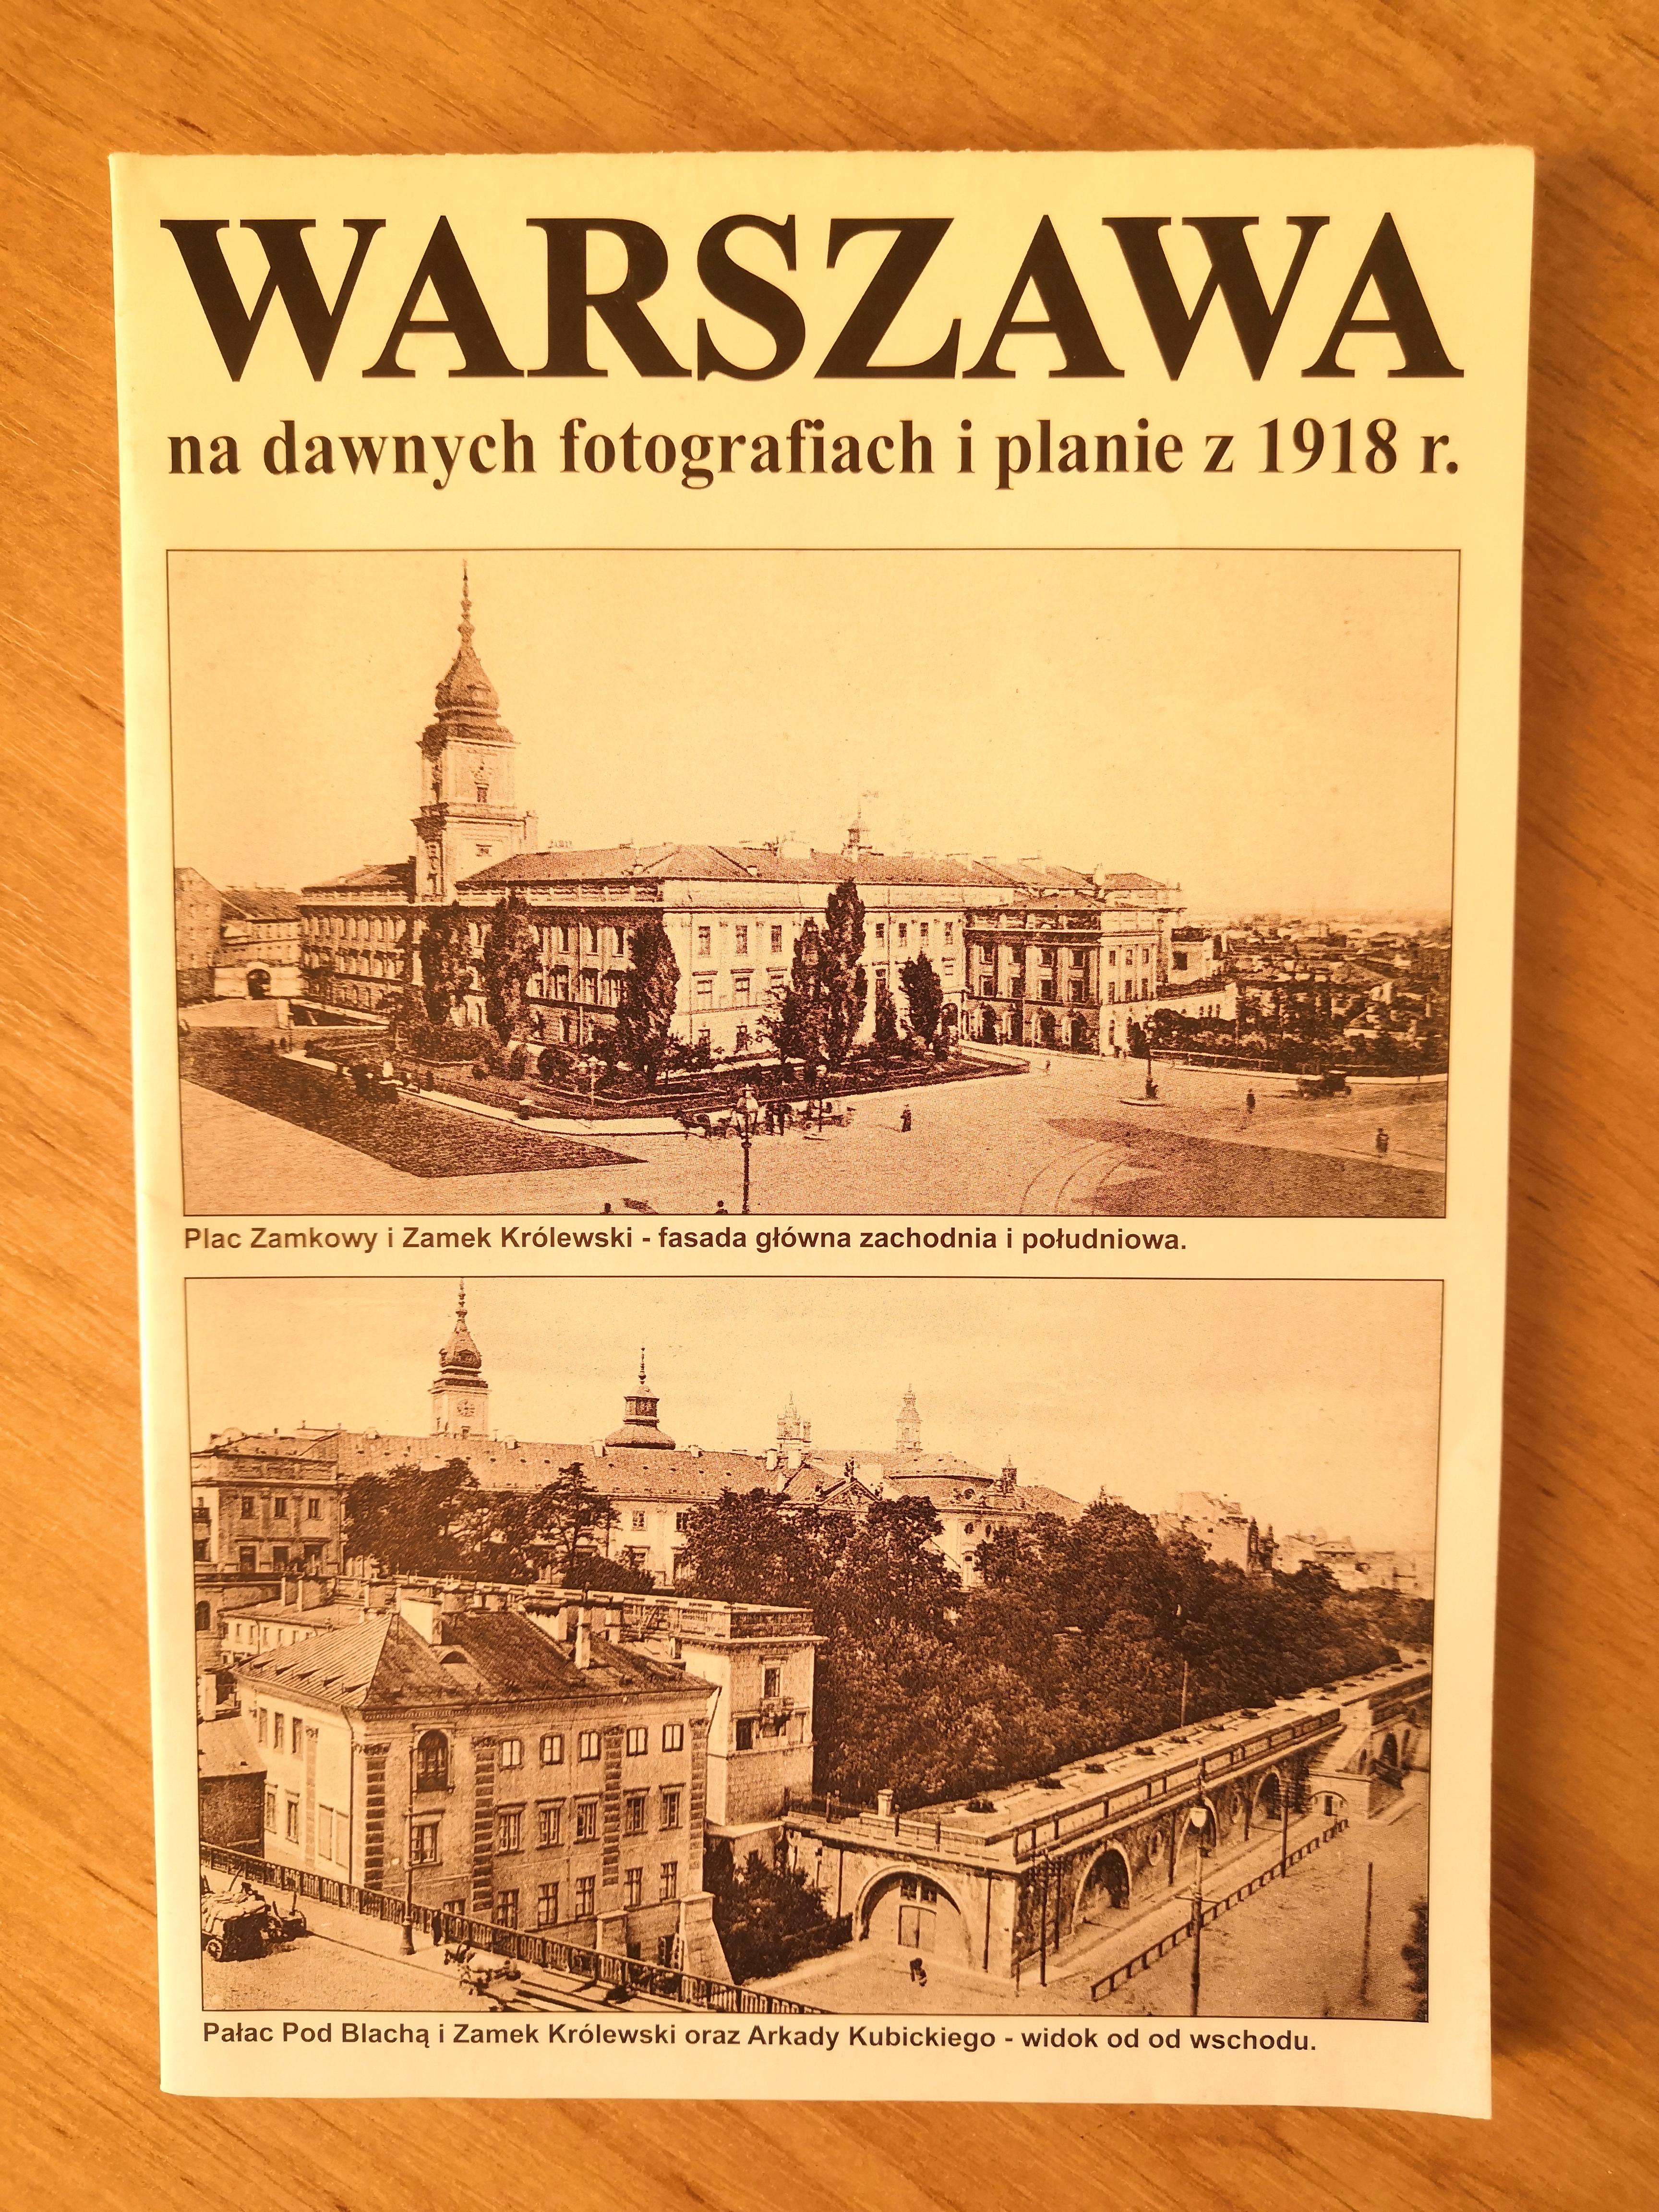 Warszawa na dawnych fotografiach i planie z 1918 r. (J.A.Krawczyk)